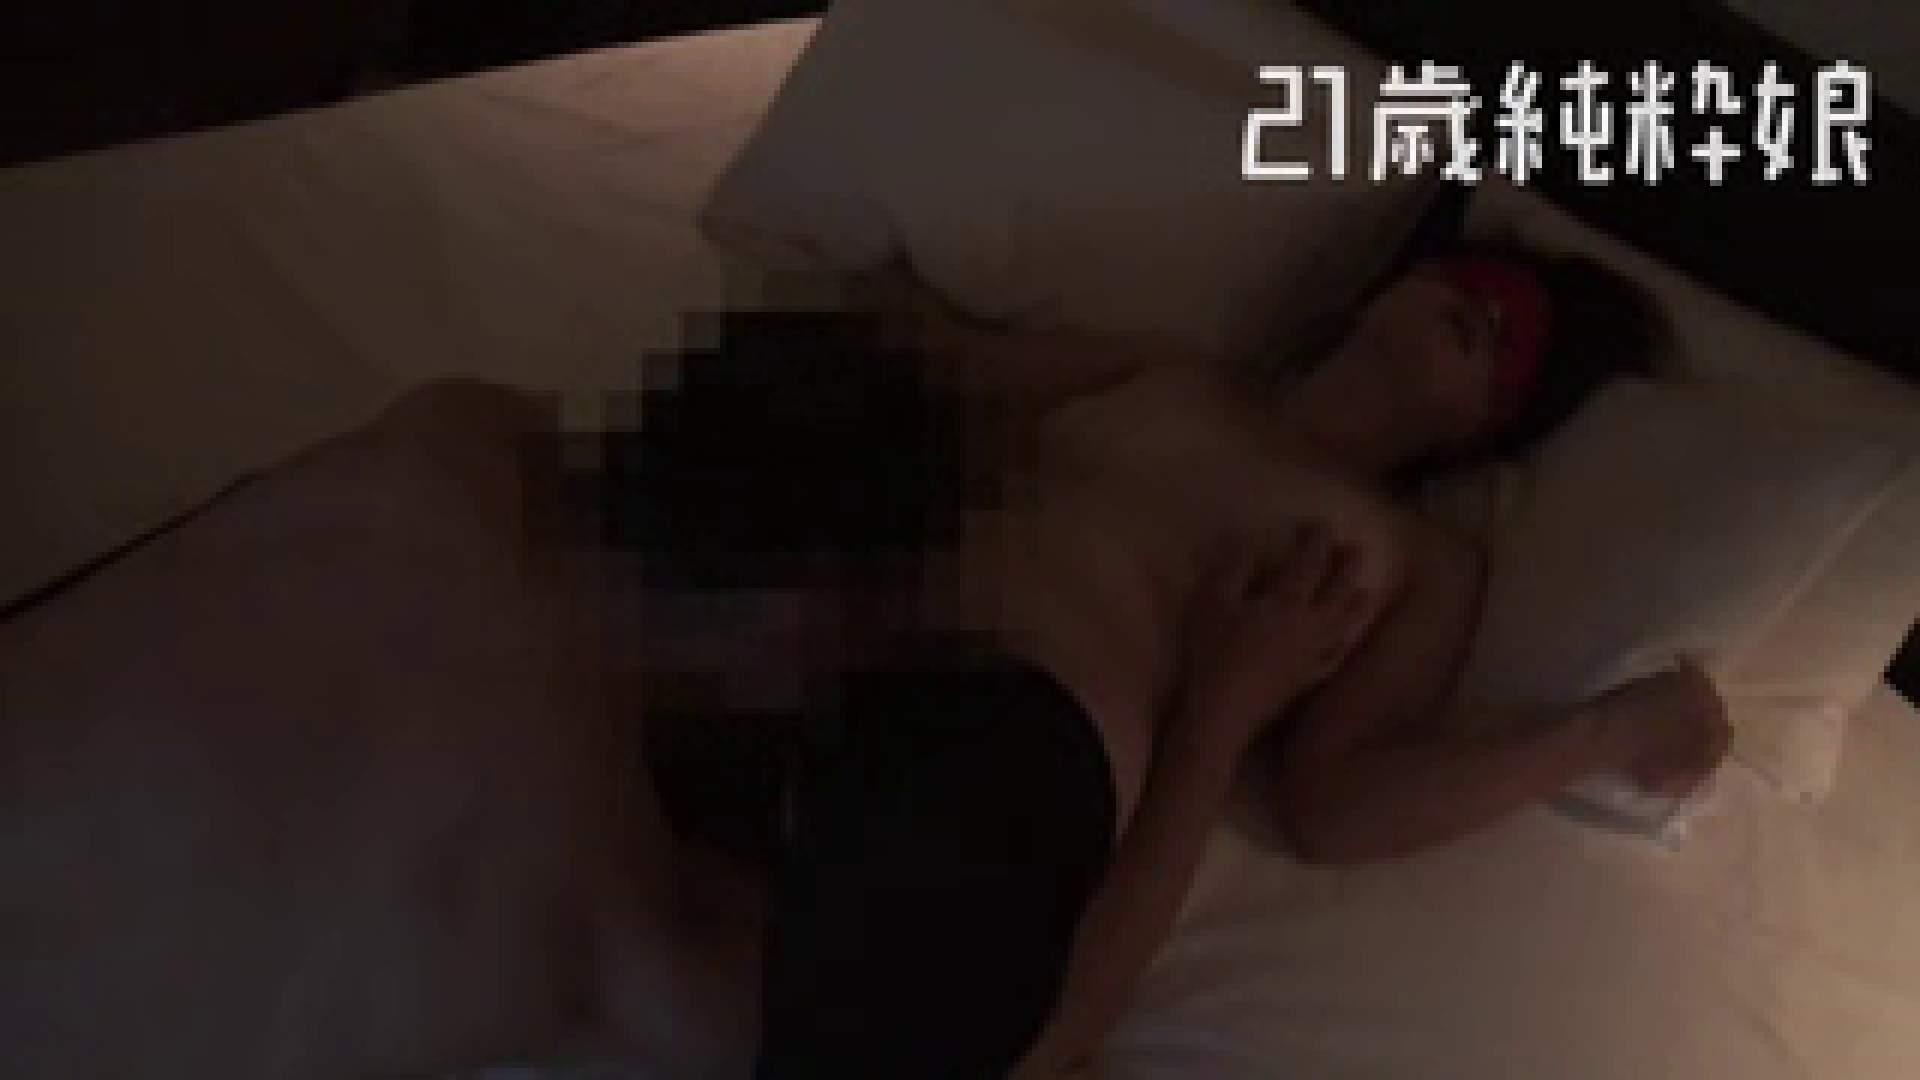 上京したばかりのGカップ21歳純粋嬢を都合の良い女にしてみた4 友人 オマンコ無修正動画無料 90画像 83